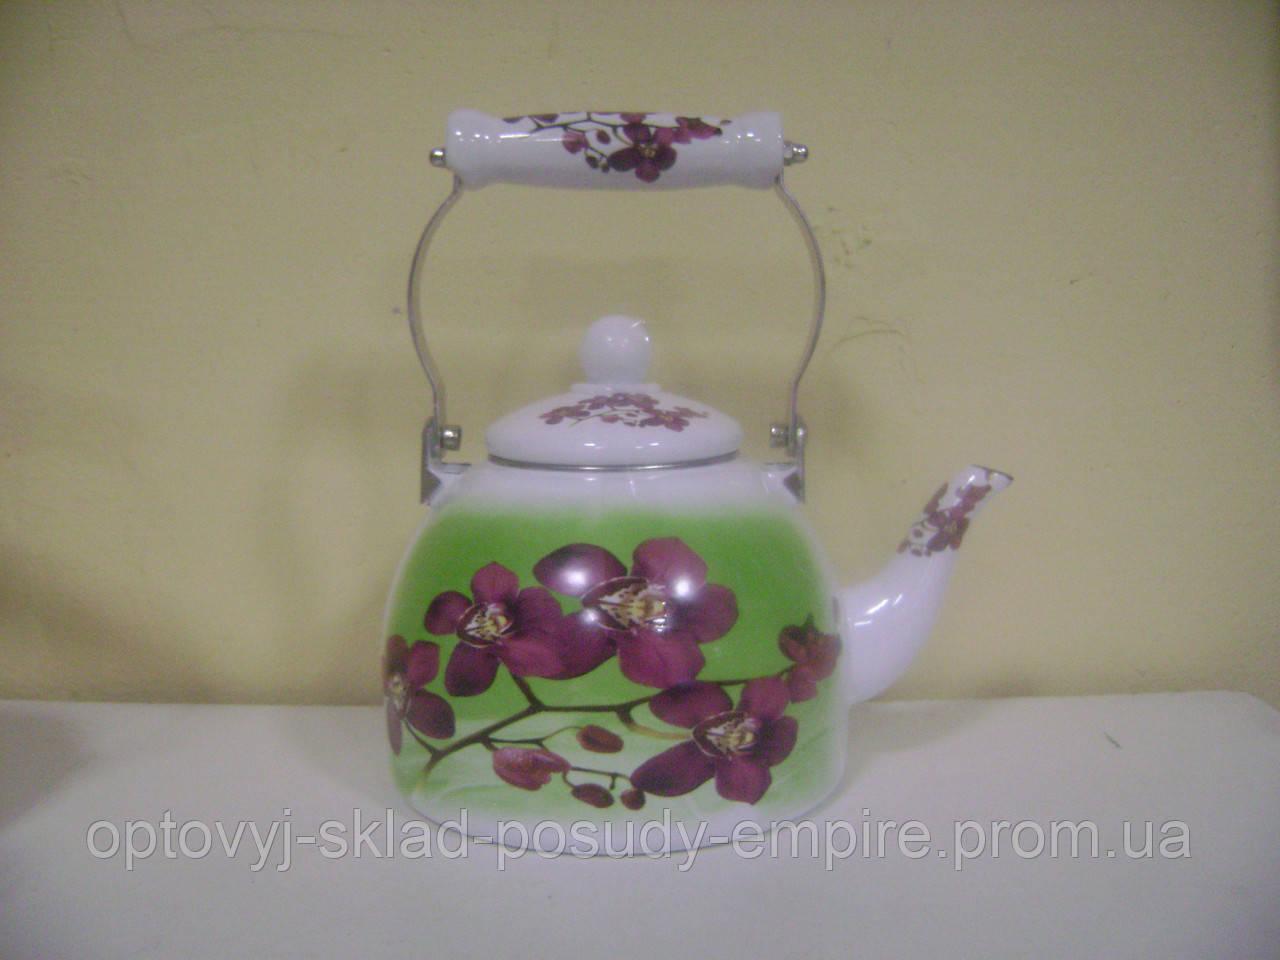 Чайник 2.0л эмалированный с керамической ручкой Zauberg Орхидея зеленый фон